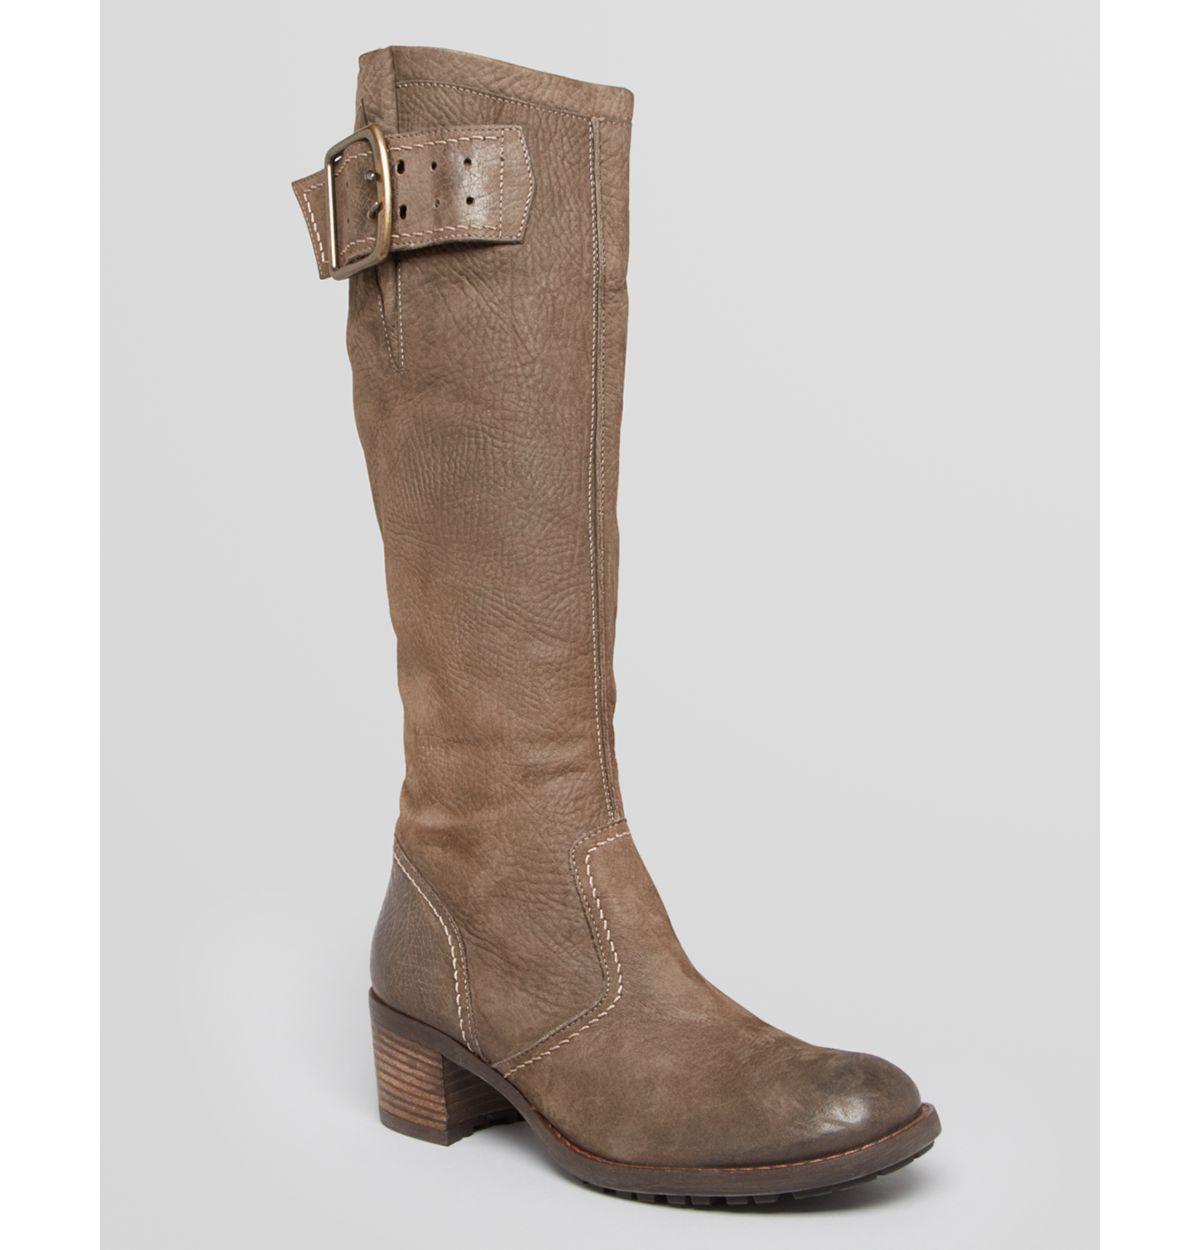 Paul Green High boots ost release dates SlDd6hrS